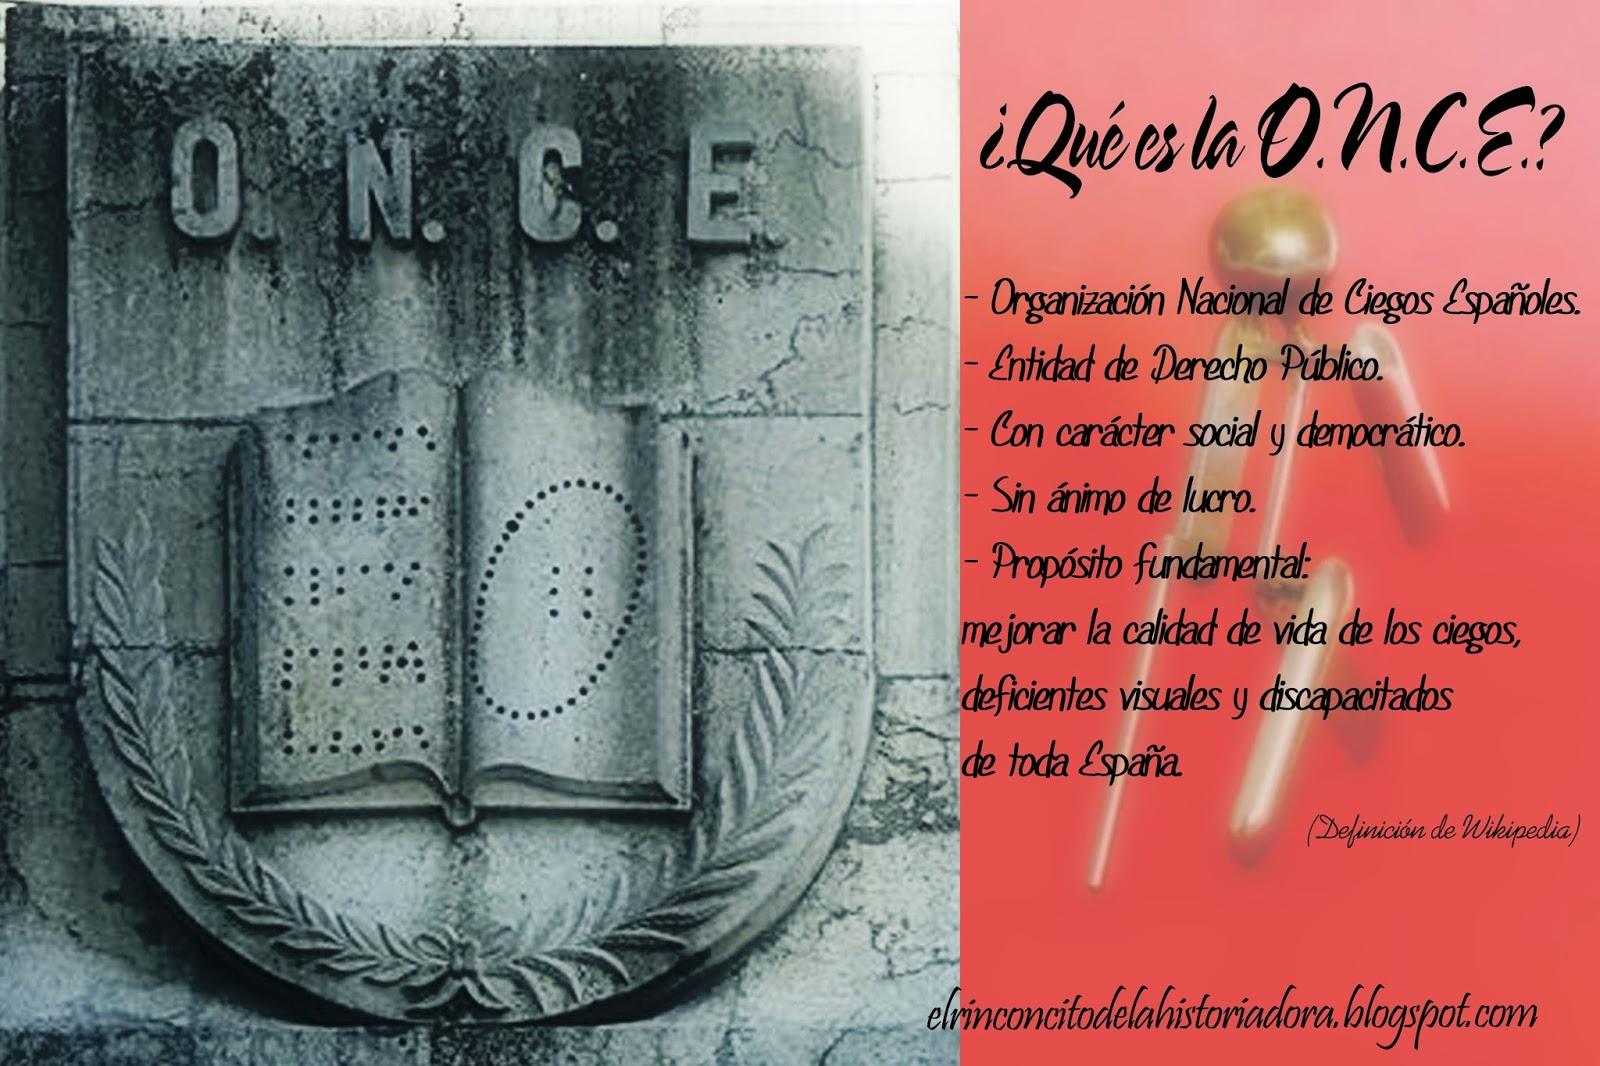 http://elrinconcitodelahistoriadora.blogspot.com.es/2013/10/coleccion-de-cupones-del-ano-1986-de-la.html